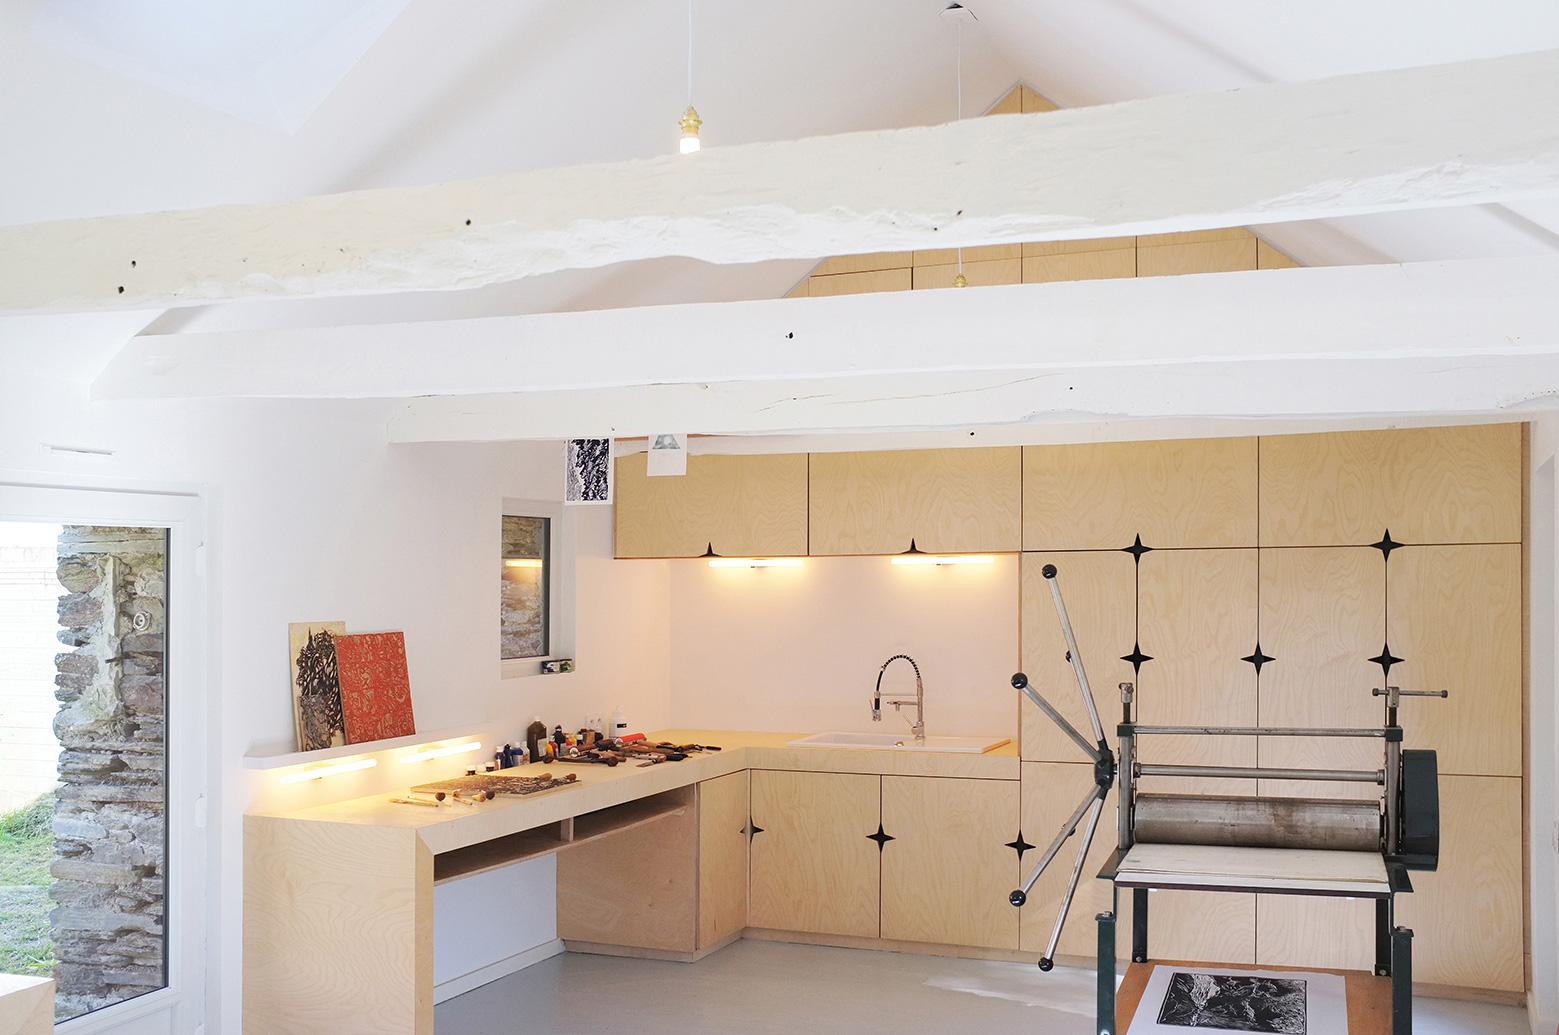 Atelier d'Artiste / Modal Architecture (19)